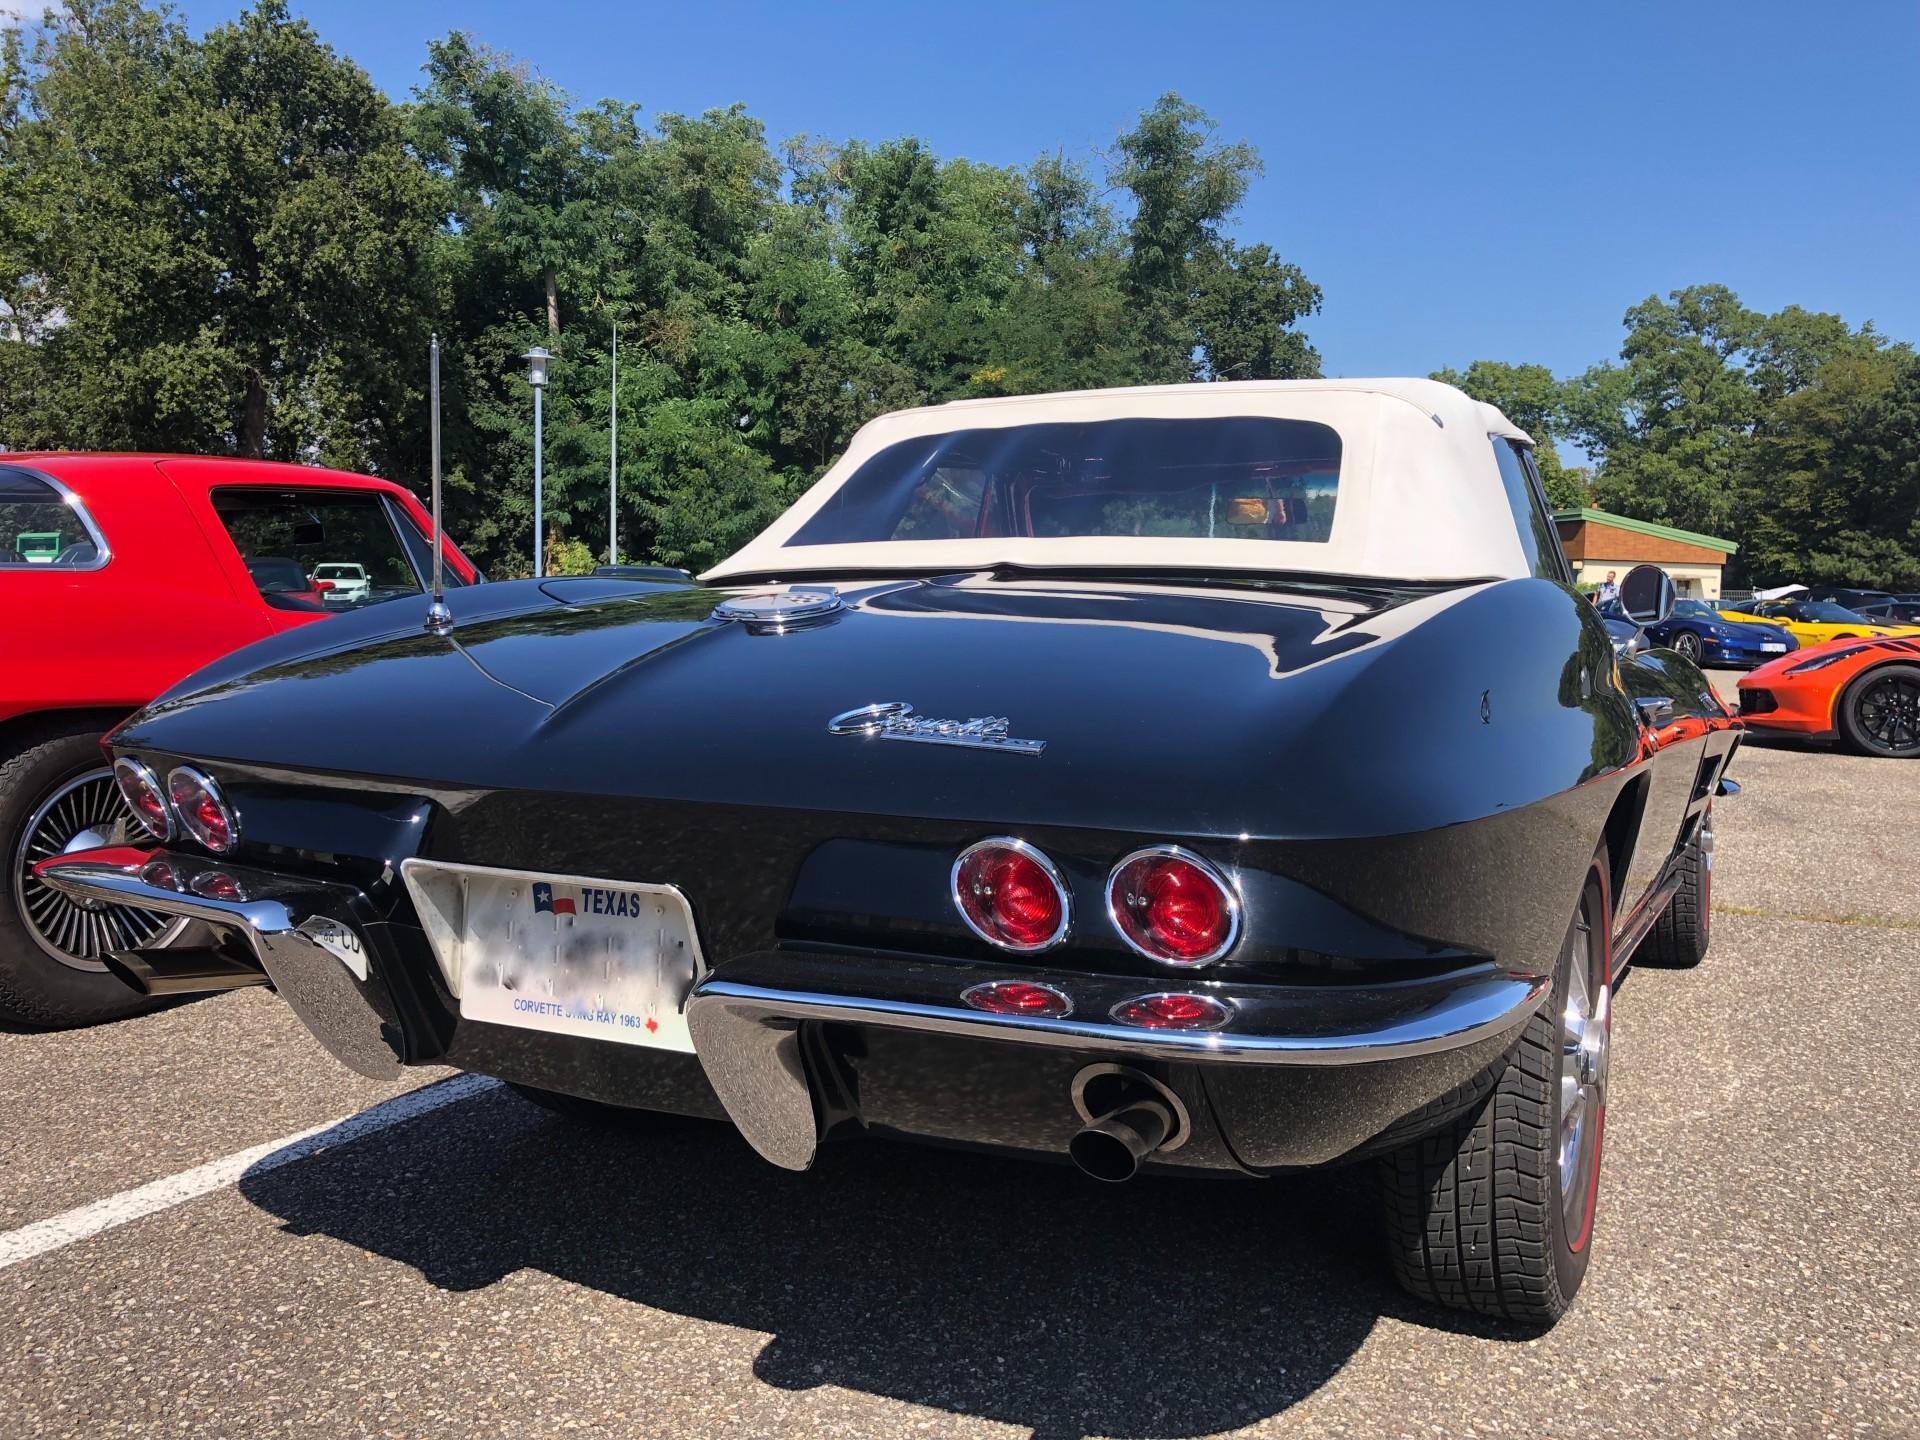 Corvette day 15